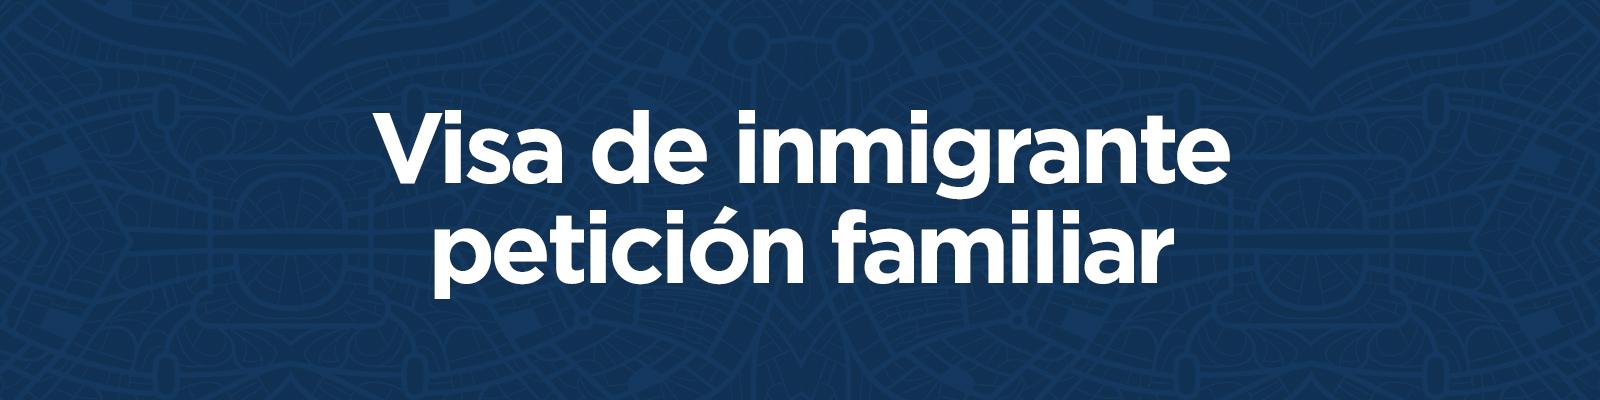 VisaDeInmigranteFamiliar